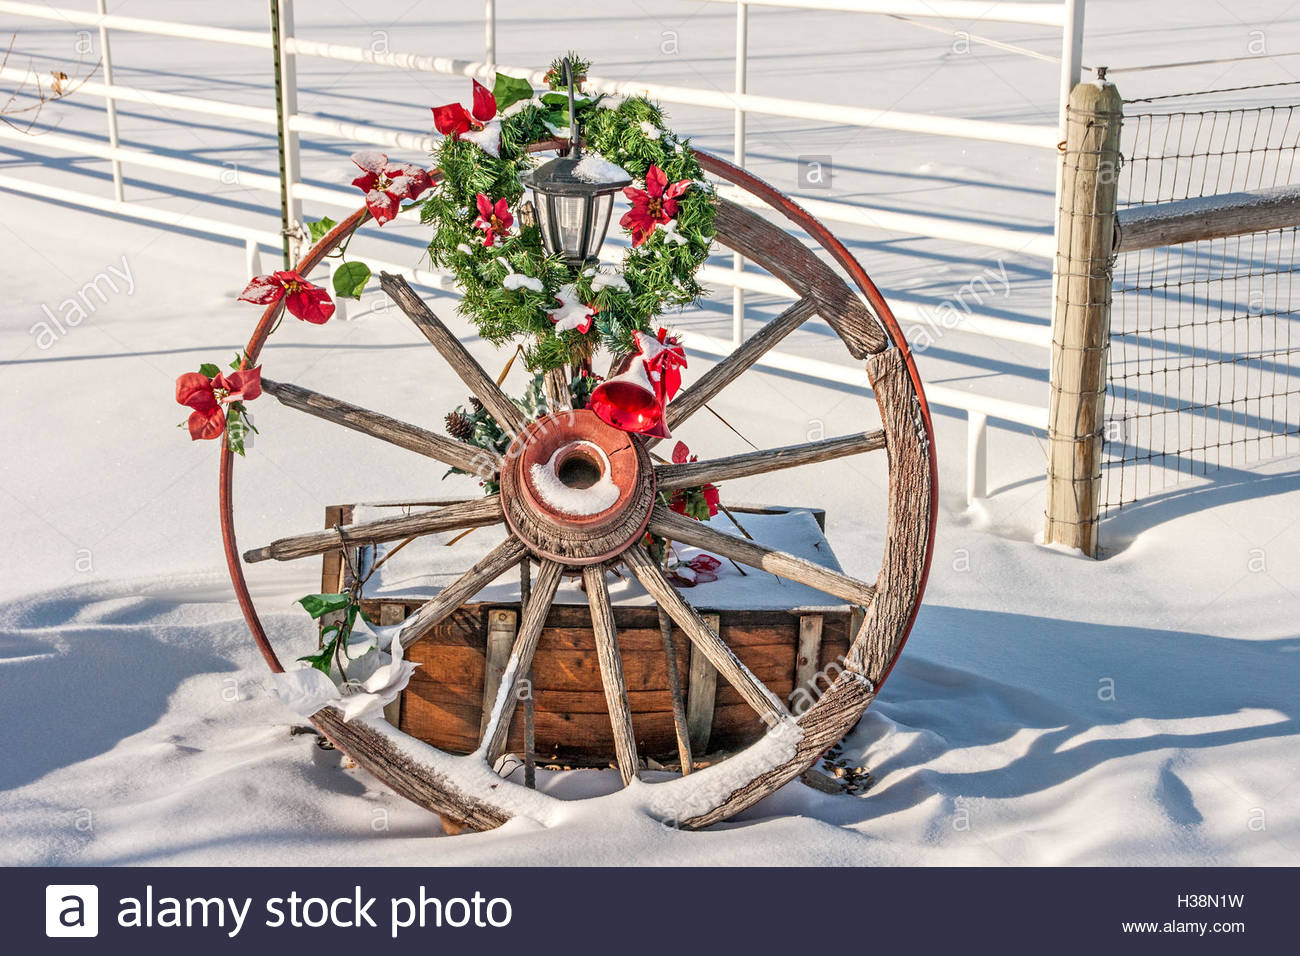 gebrochen rostige wagenrad dekoriert fur weihnachten h38n1w